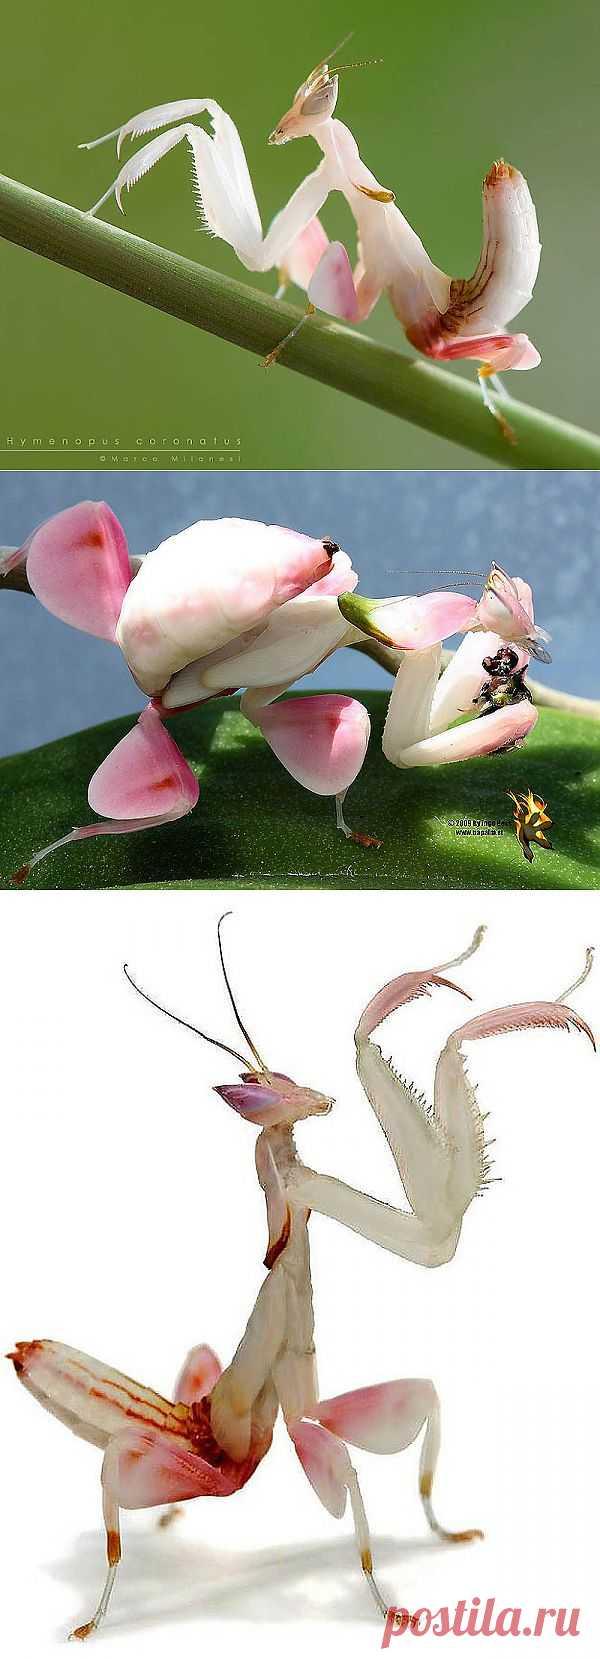 Орхидейные богомолы : НОВОСТИ В ФОТОГРАФИЯХ